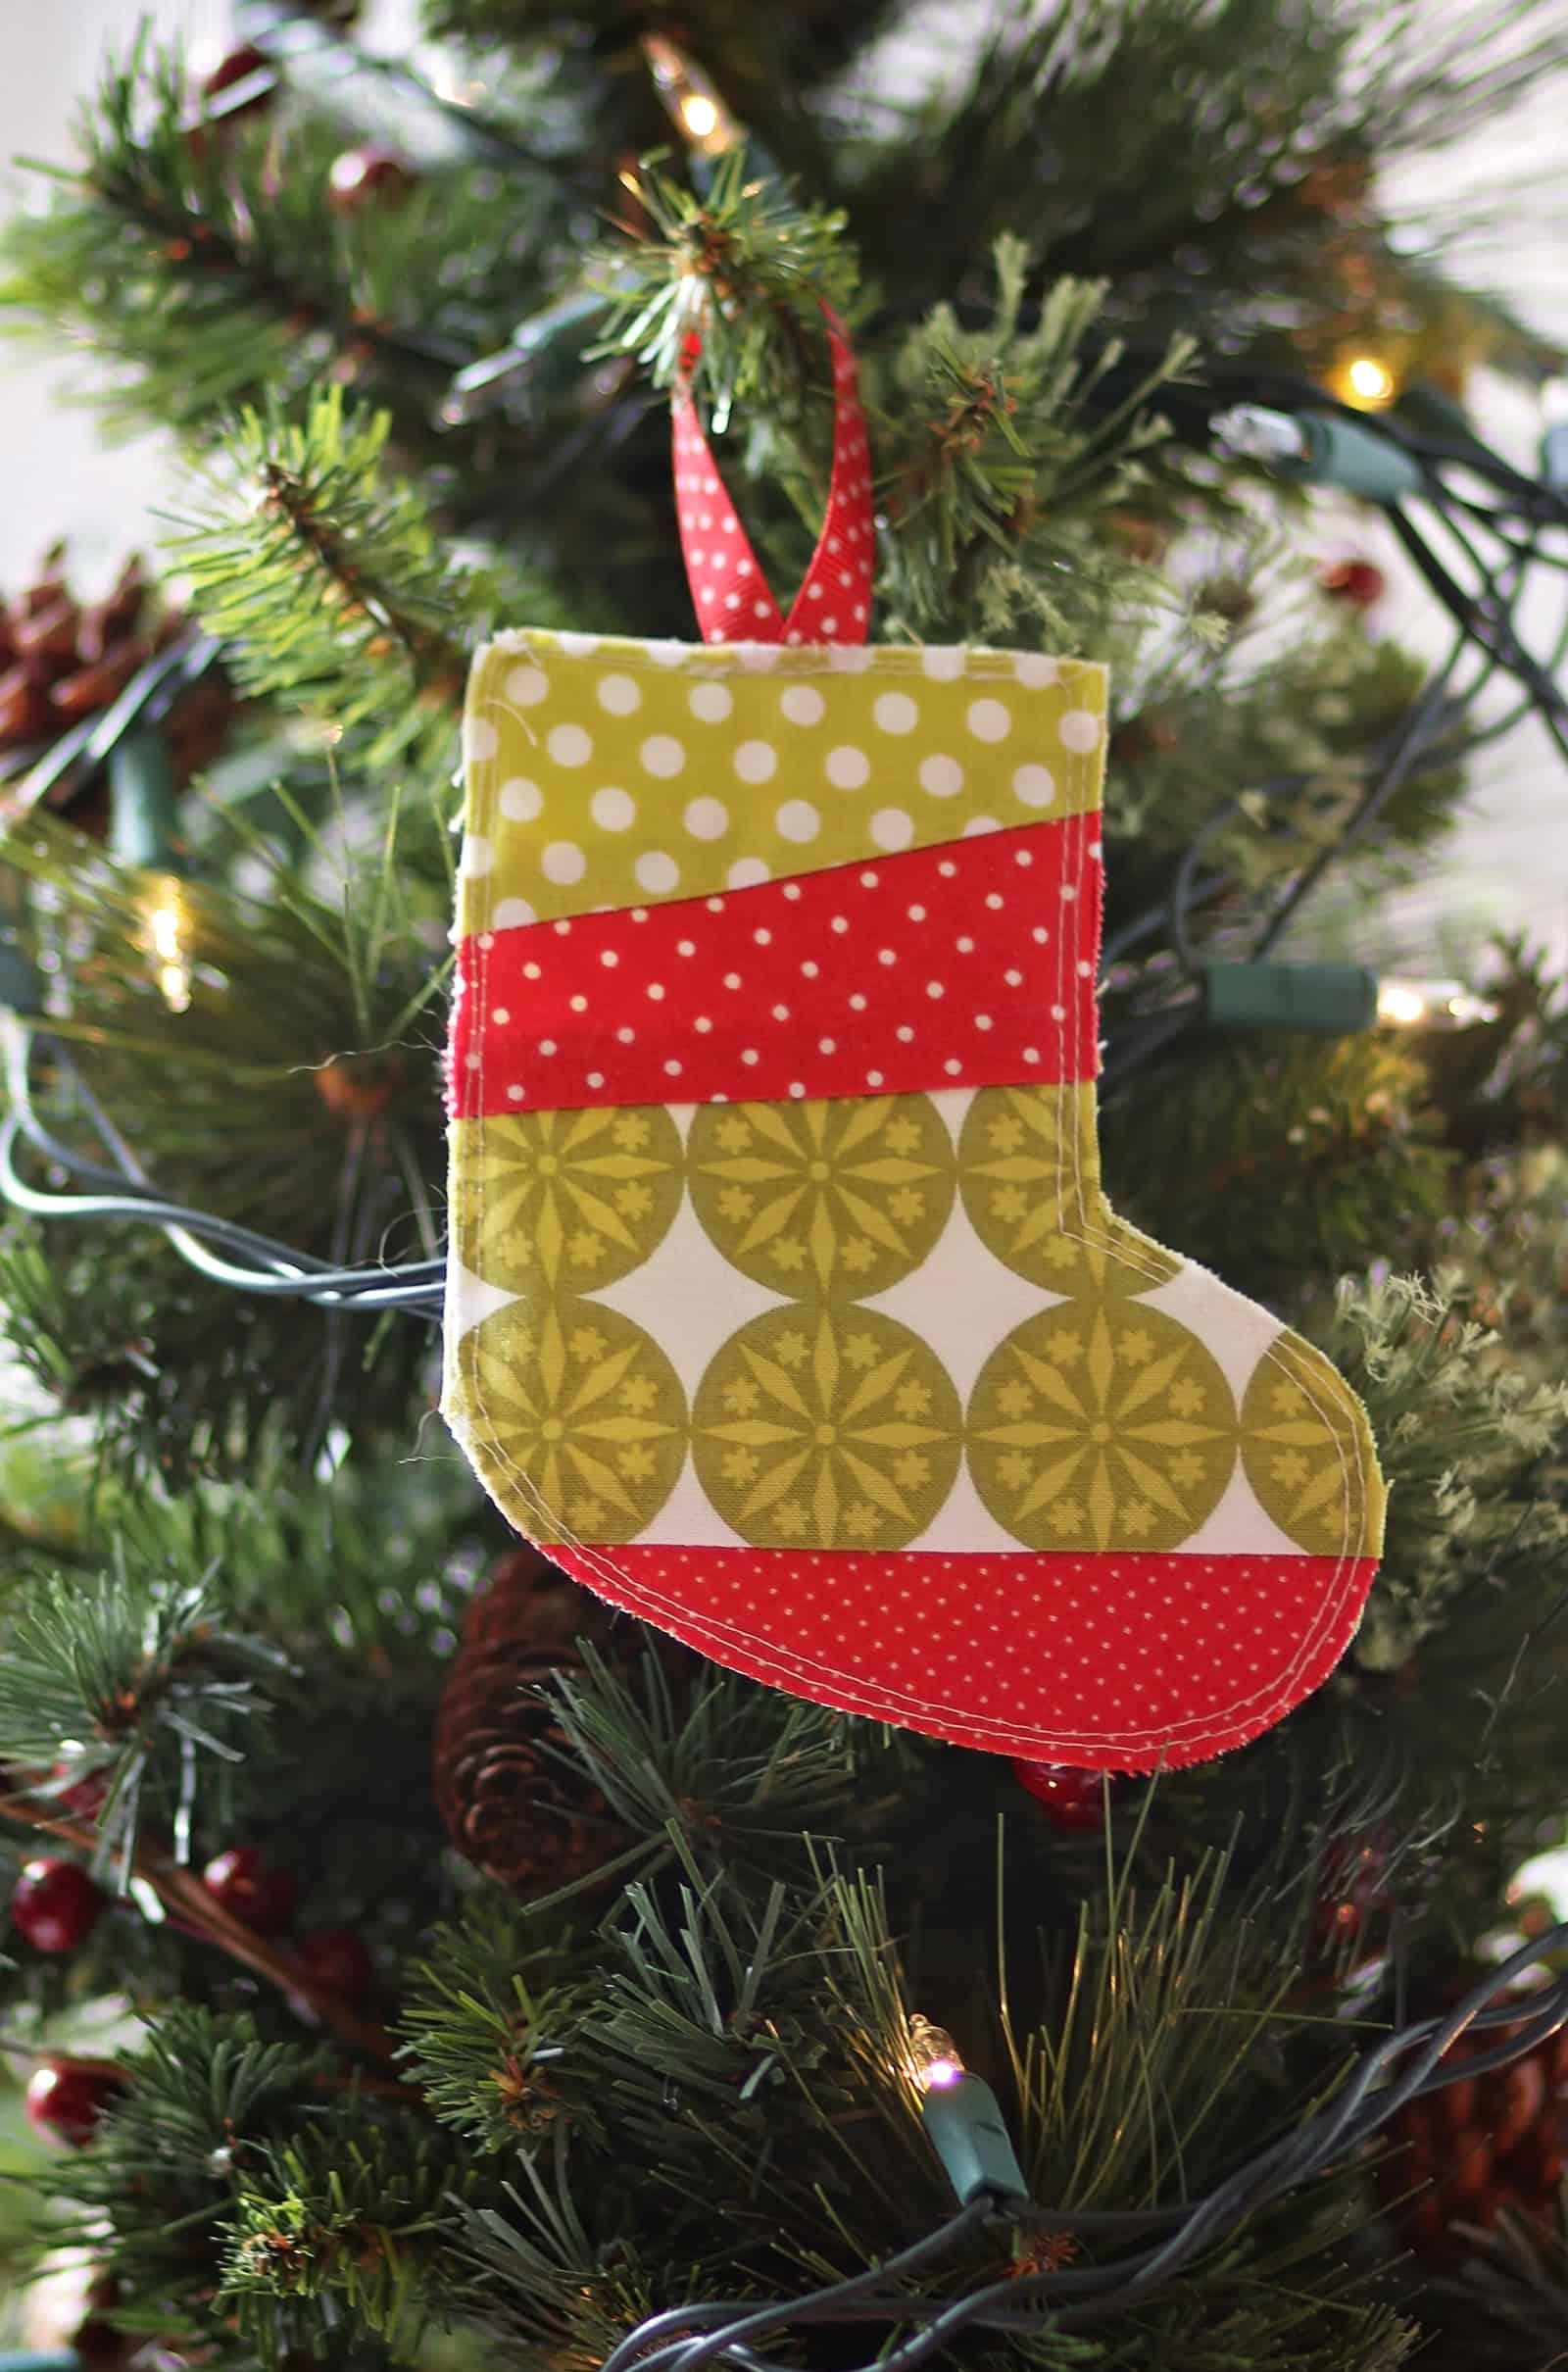 Christmas tree stocking, candace kroslak naked mile